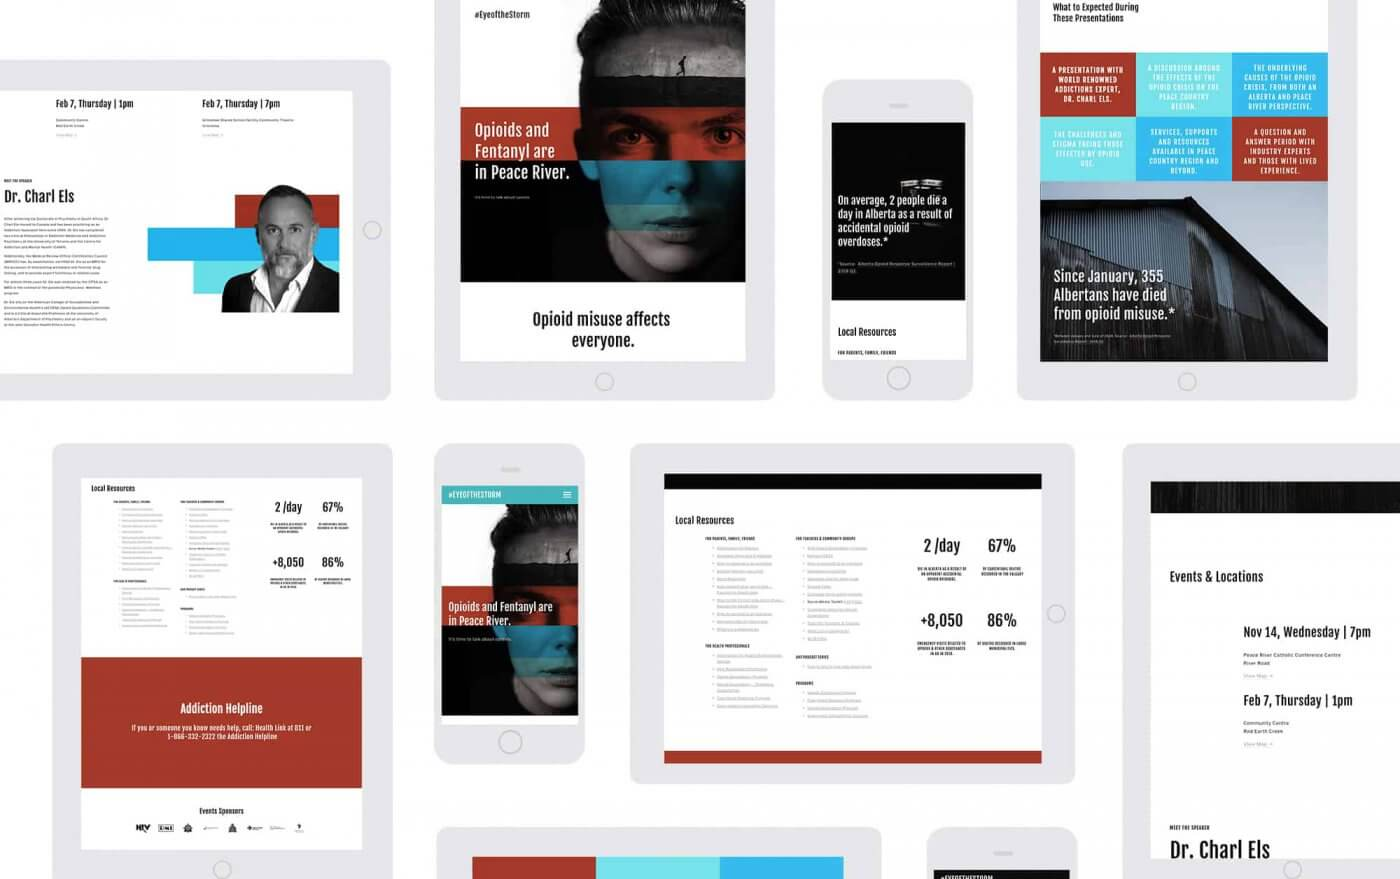 website design mockups on different devices